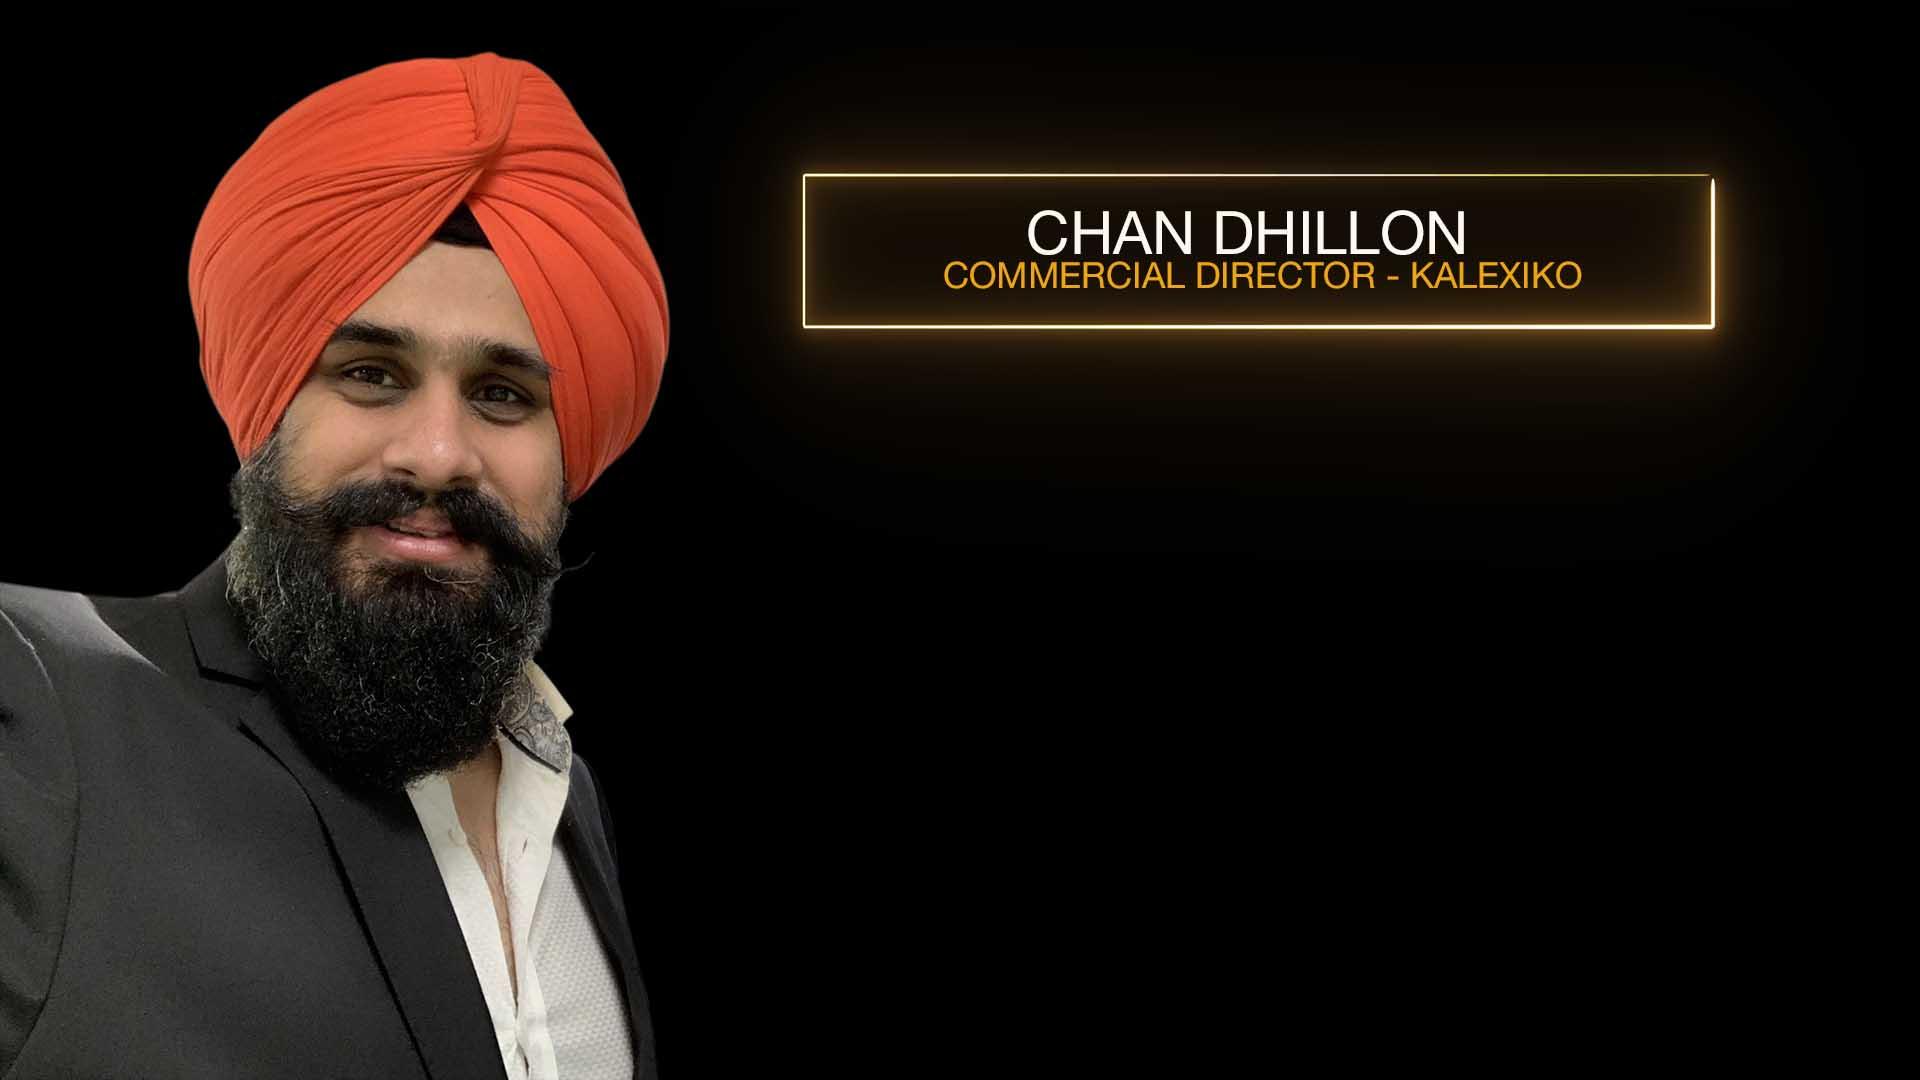 Chan Dhillon Testimonial